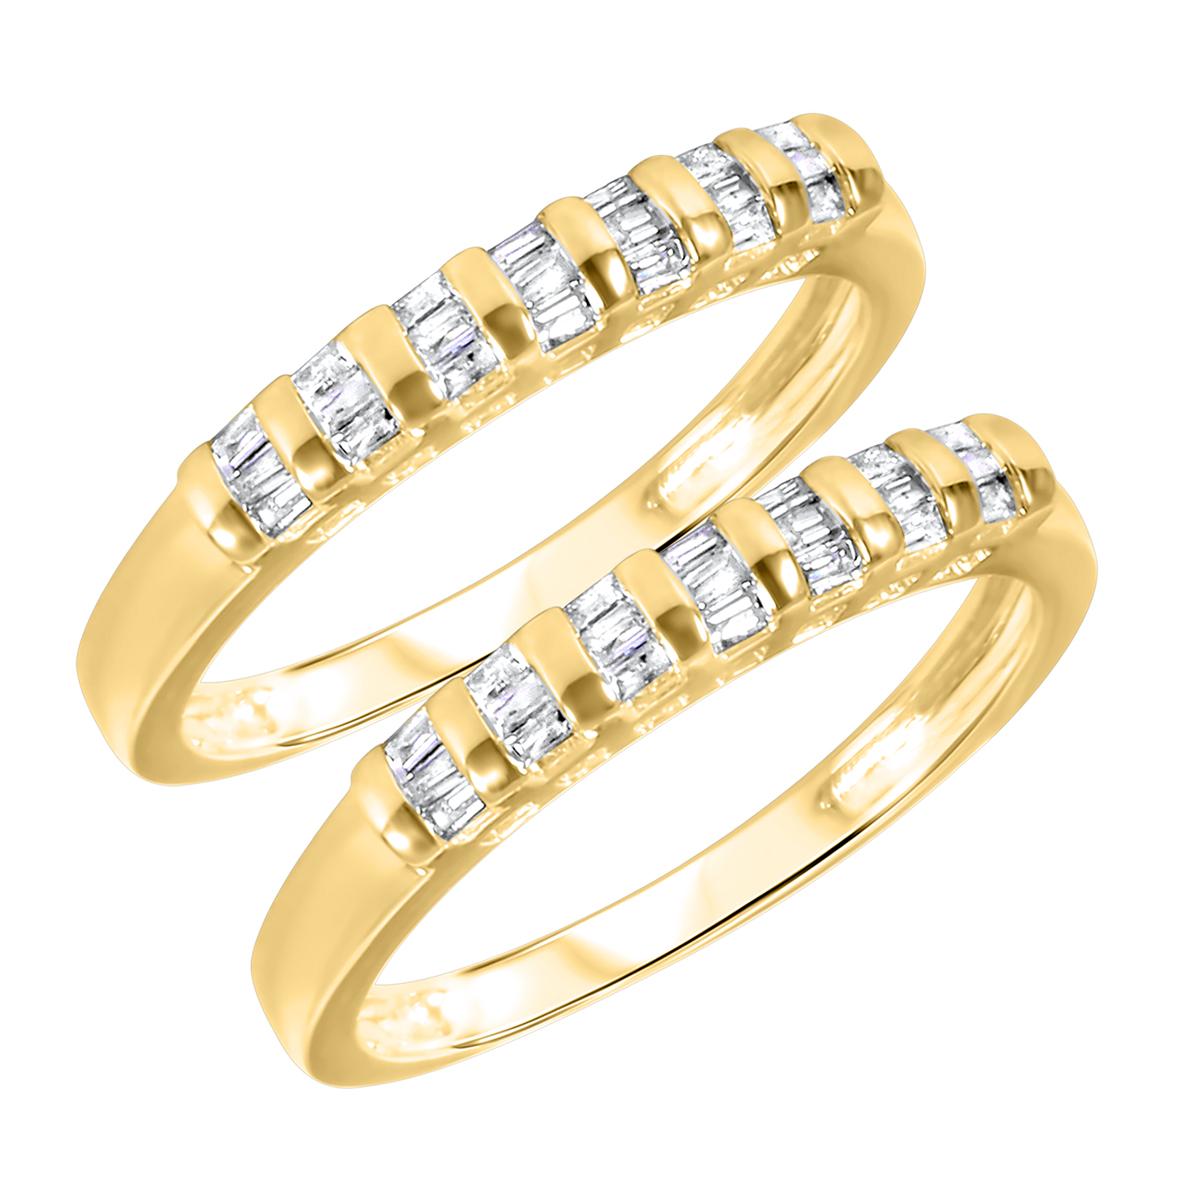 1/2 Carat T.W. Baguette Cut Ladies Same Sex Wedding Band Set 14K Yellow Gold-